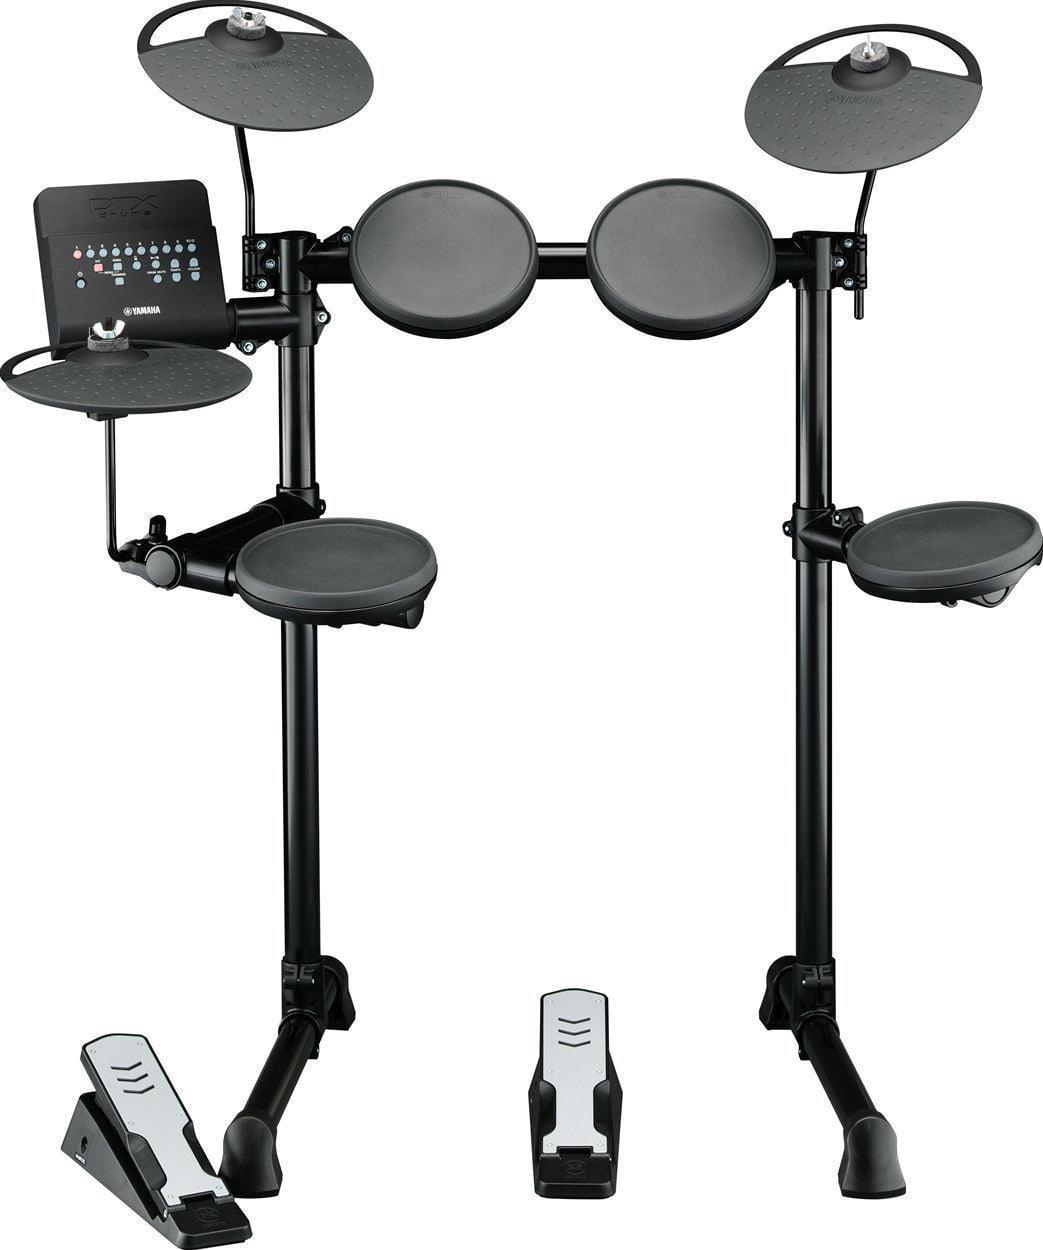 Yamaha DTX400K Electronic Drum Kit Set w Beginner Training & Practice Modes by Yamaha